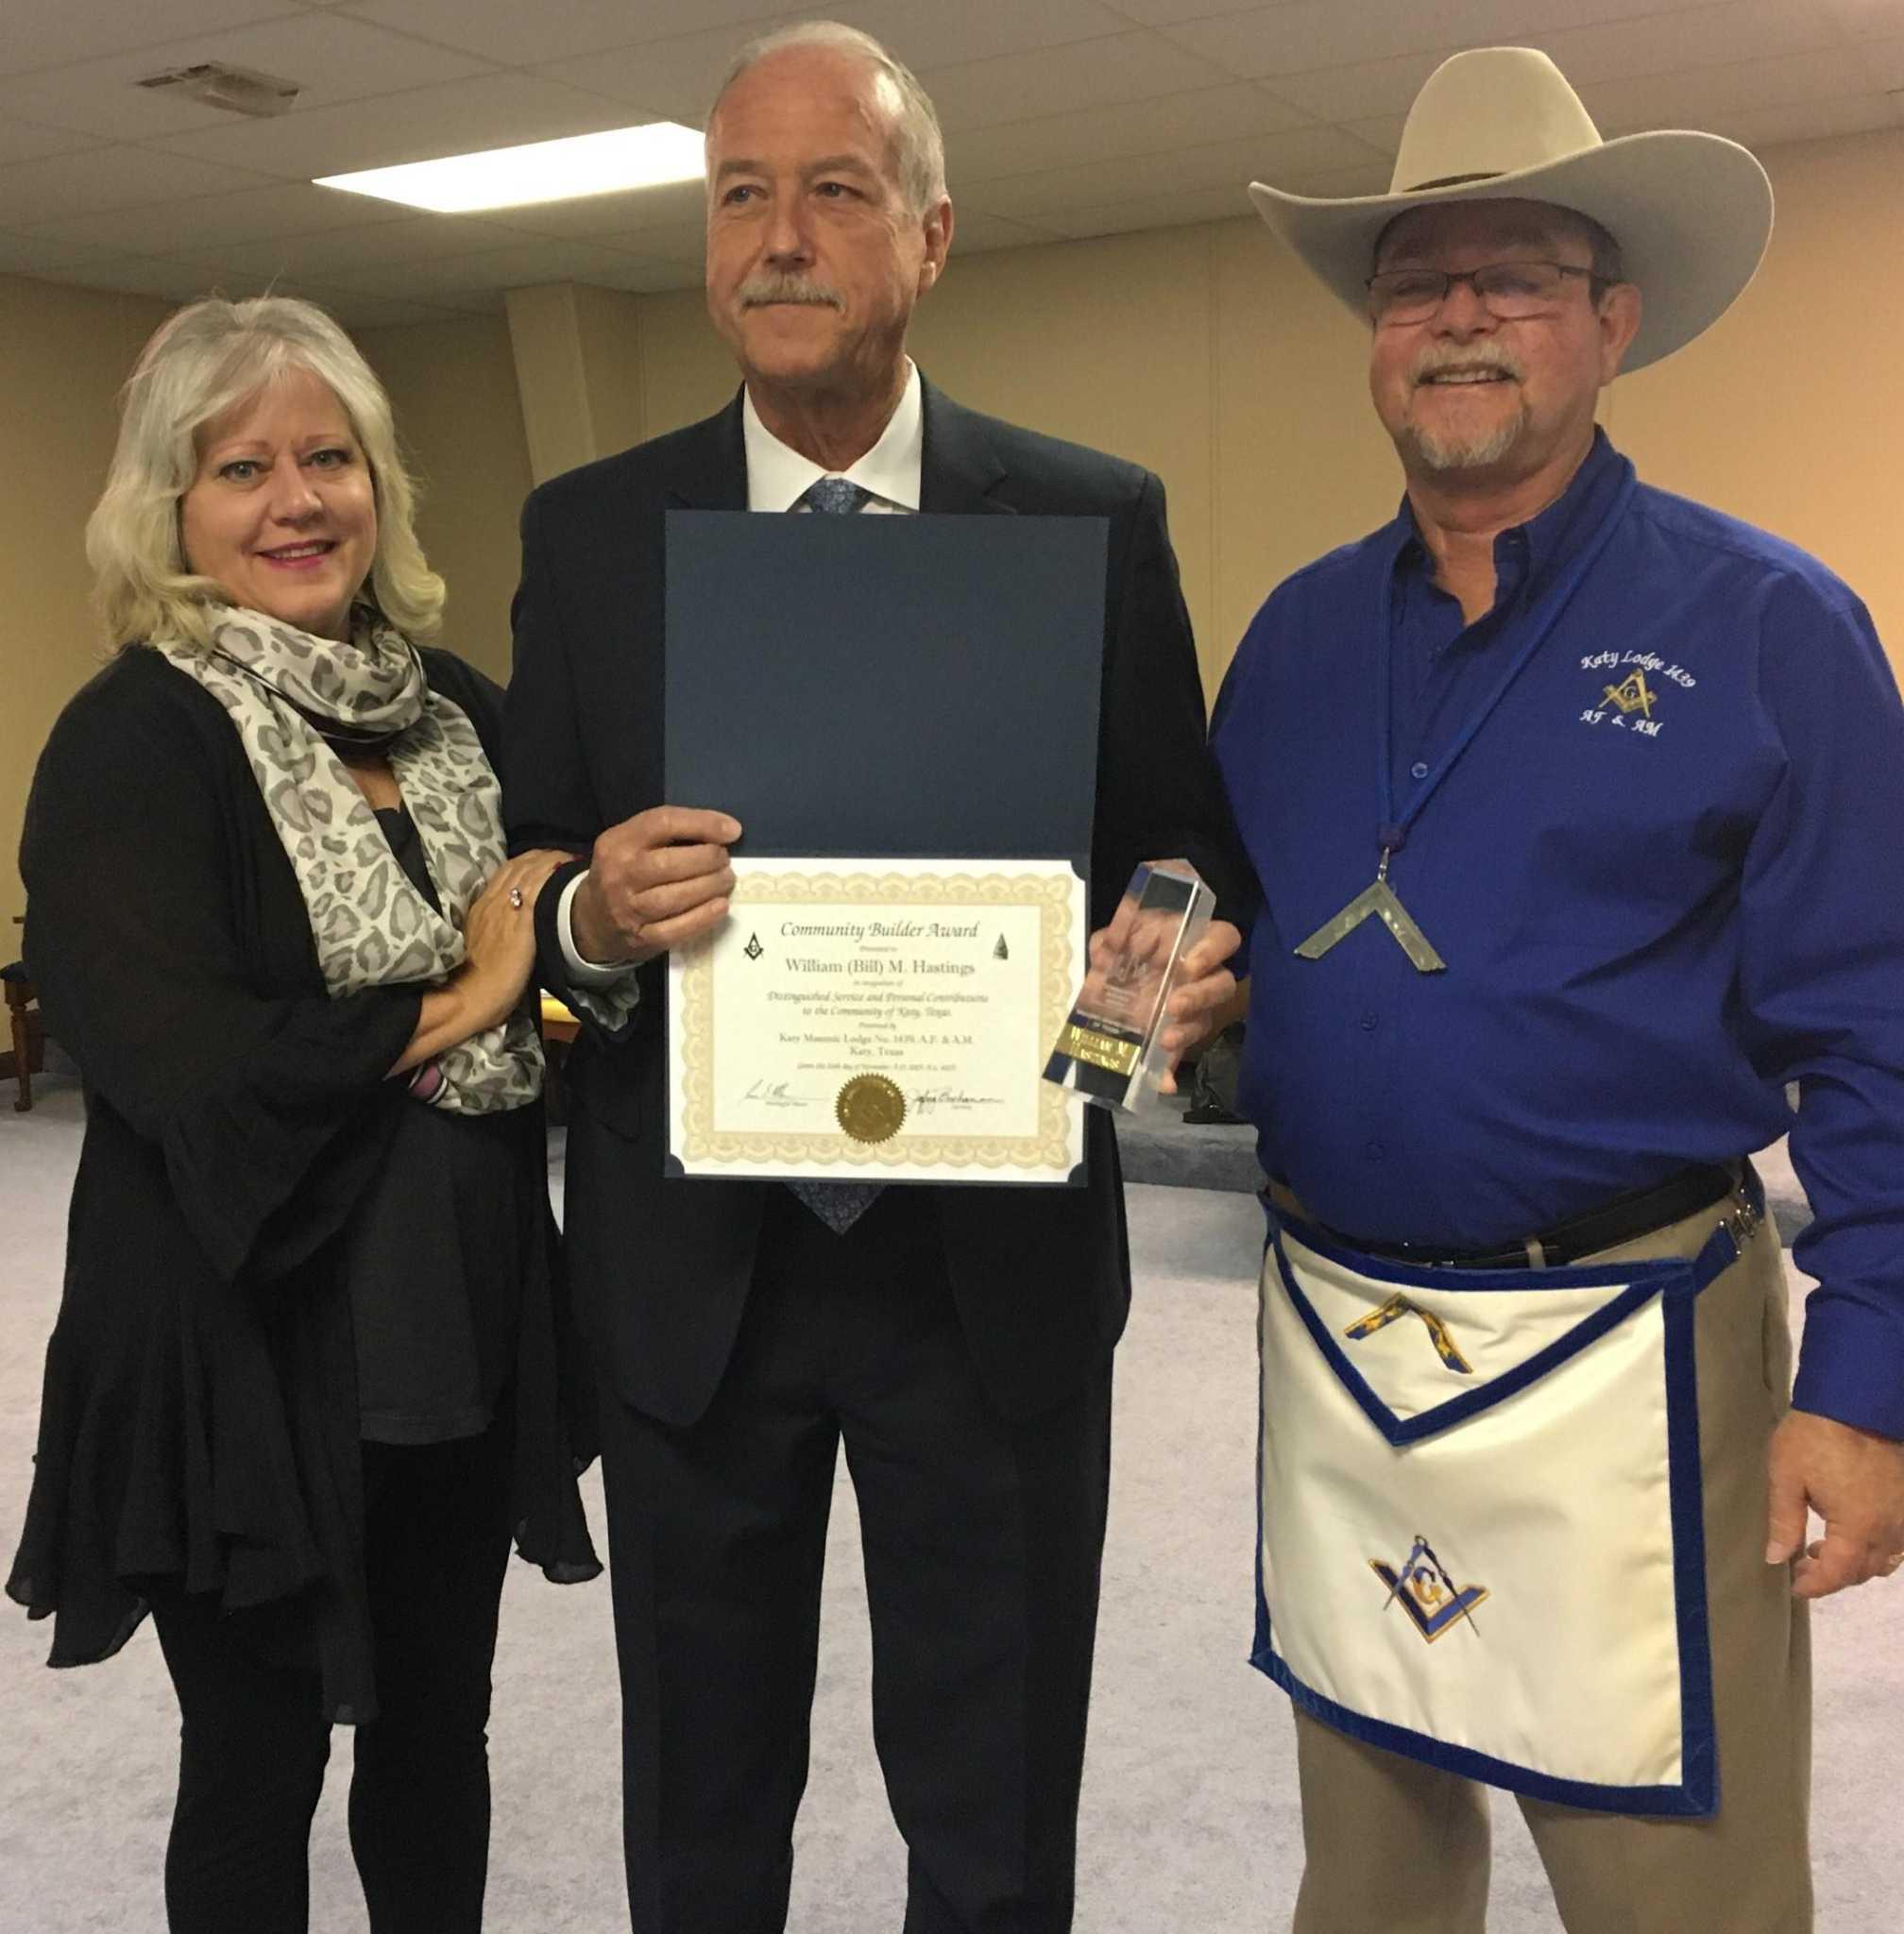 Katy Masonic Lodge honors mayor for service